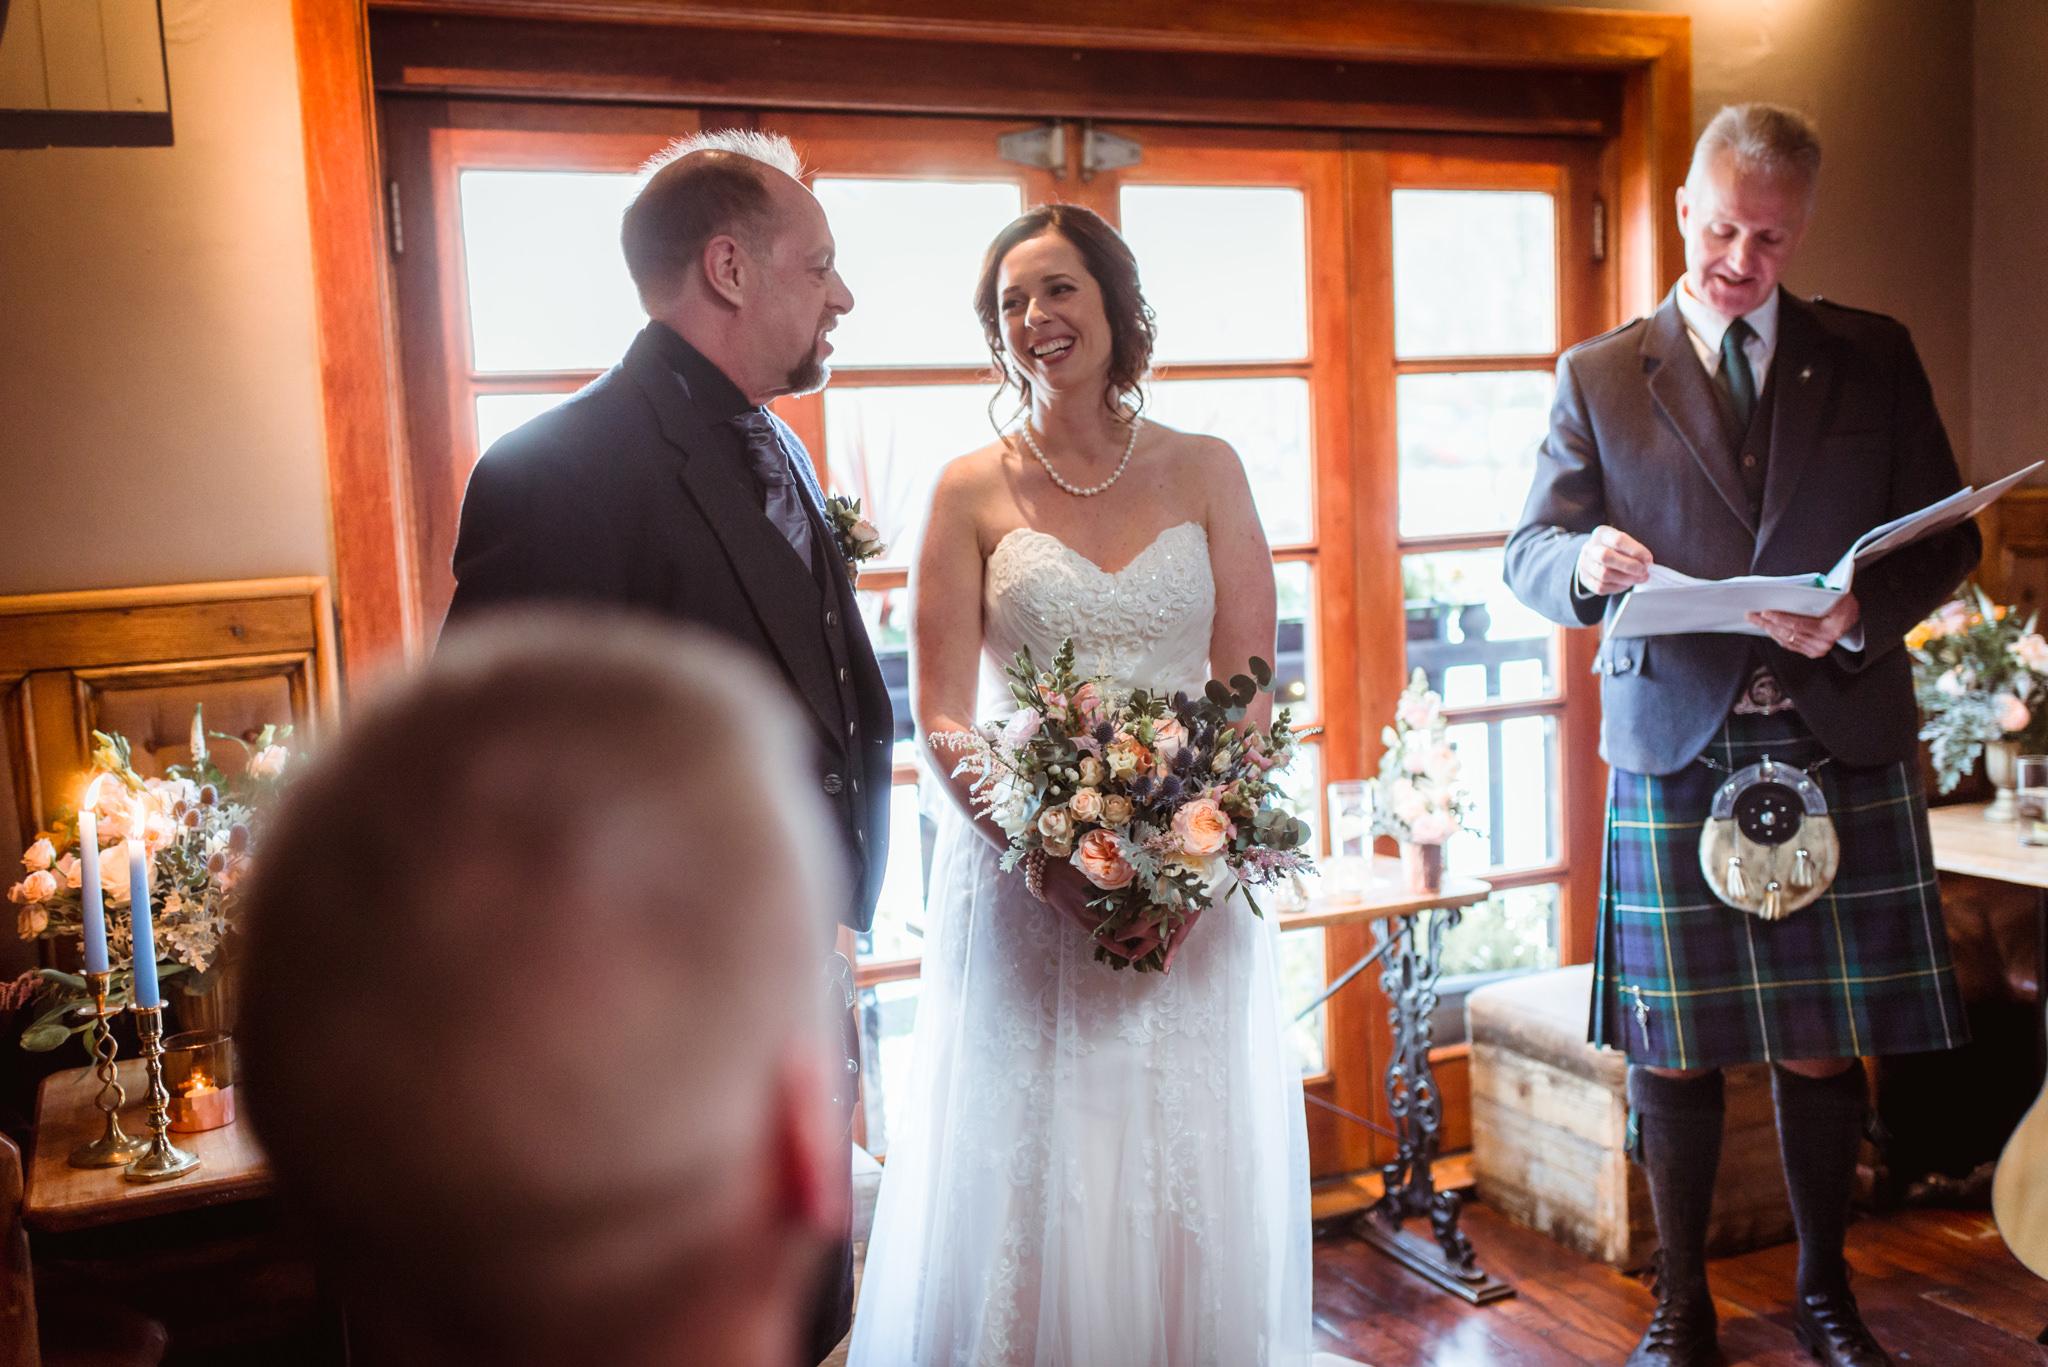 Ubiquitous-Chip-wedding-photography-(5).jpg